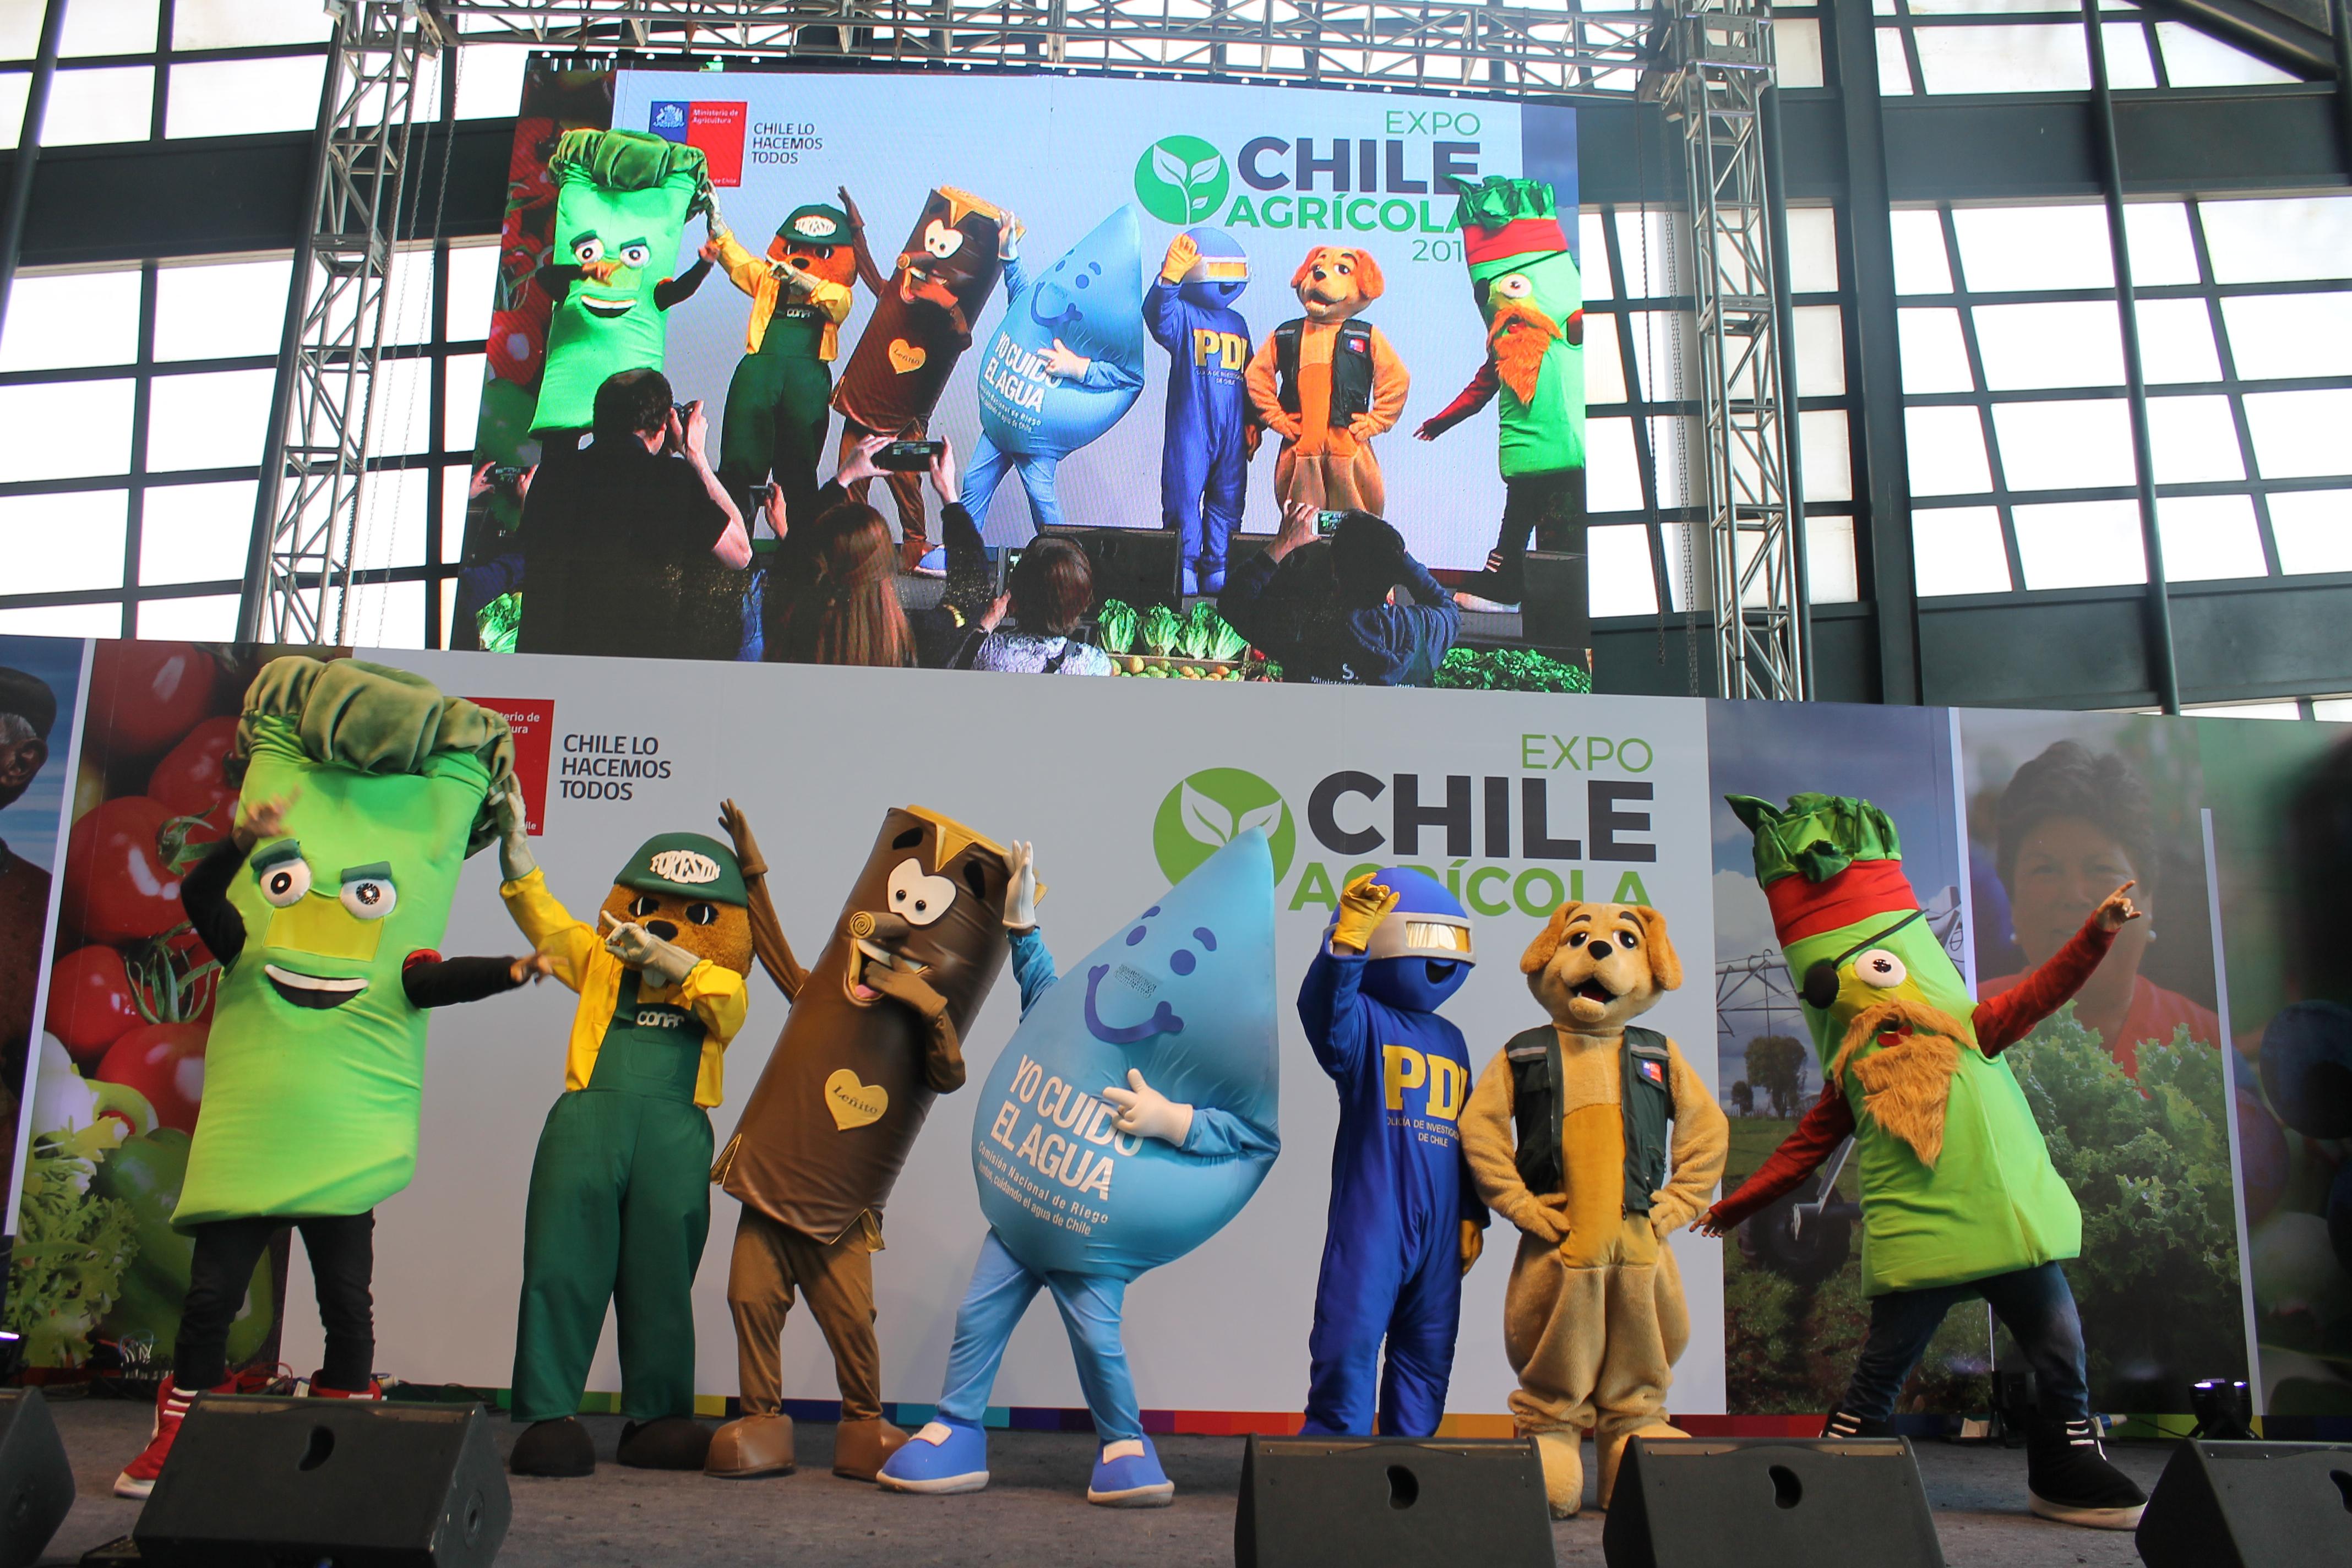 Expo Chile Agrícola1